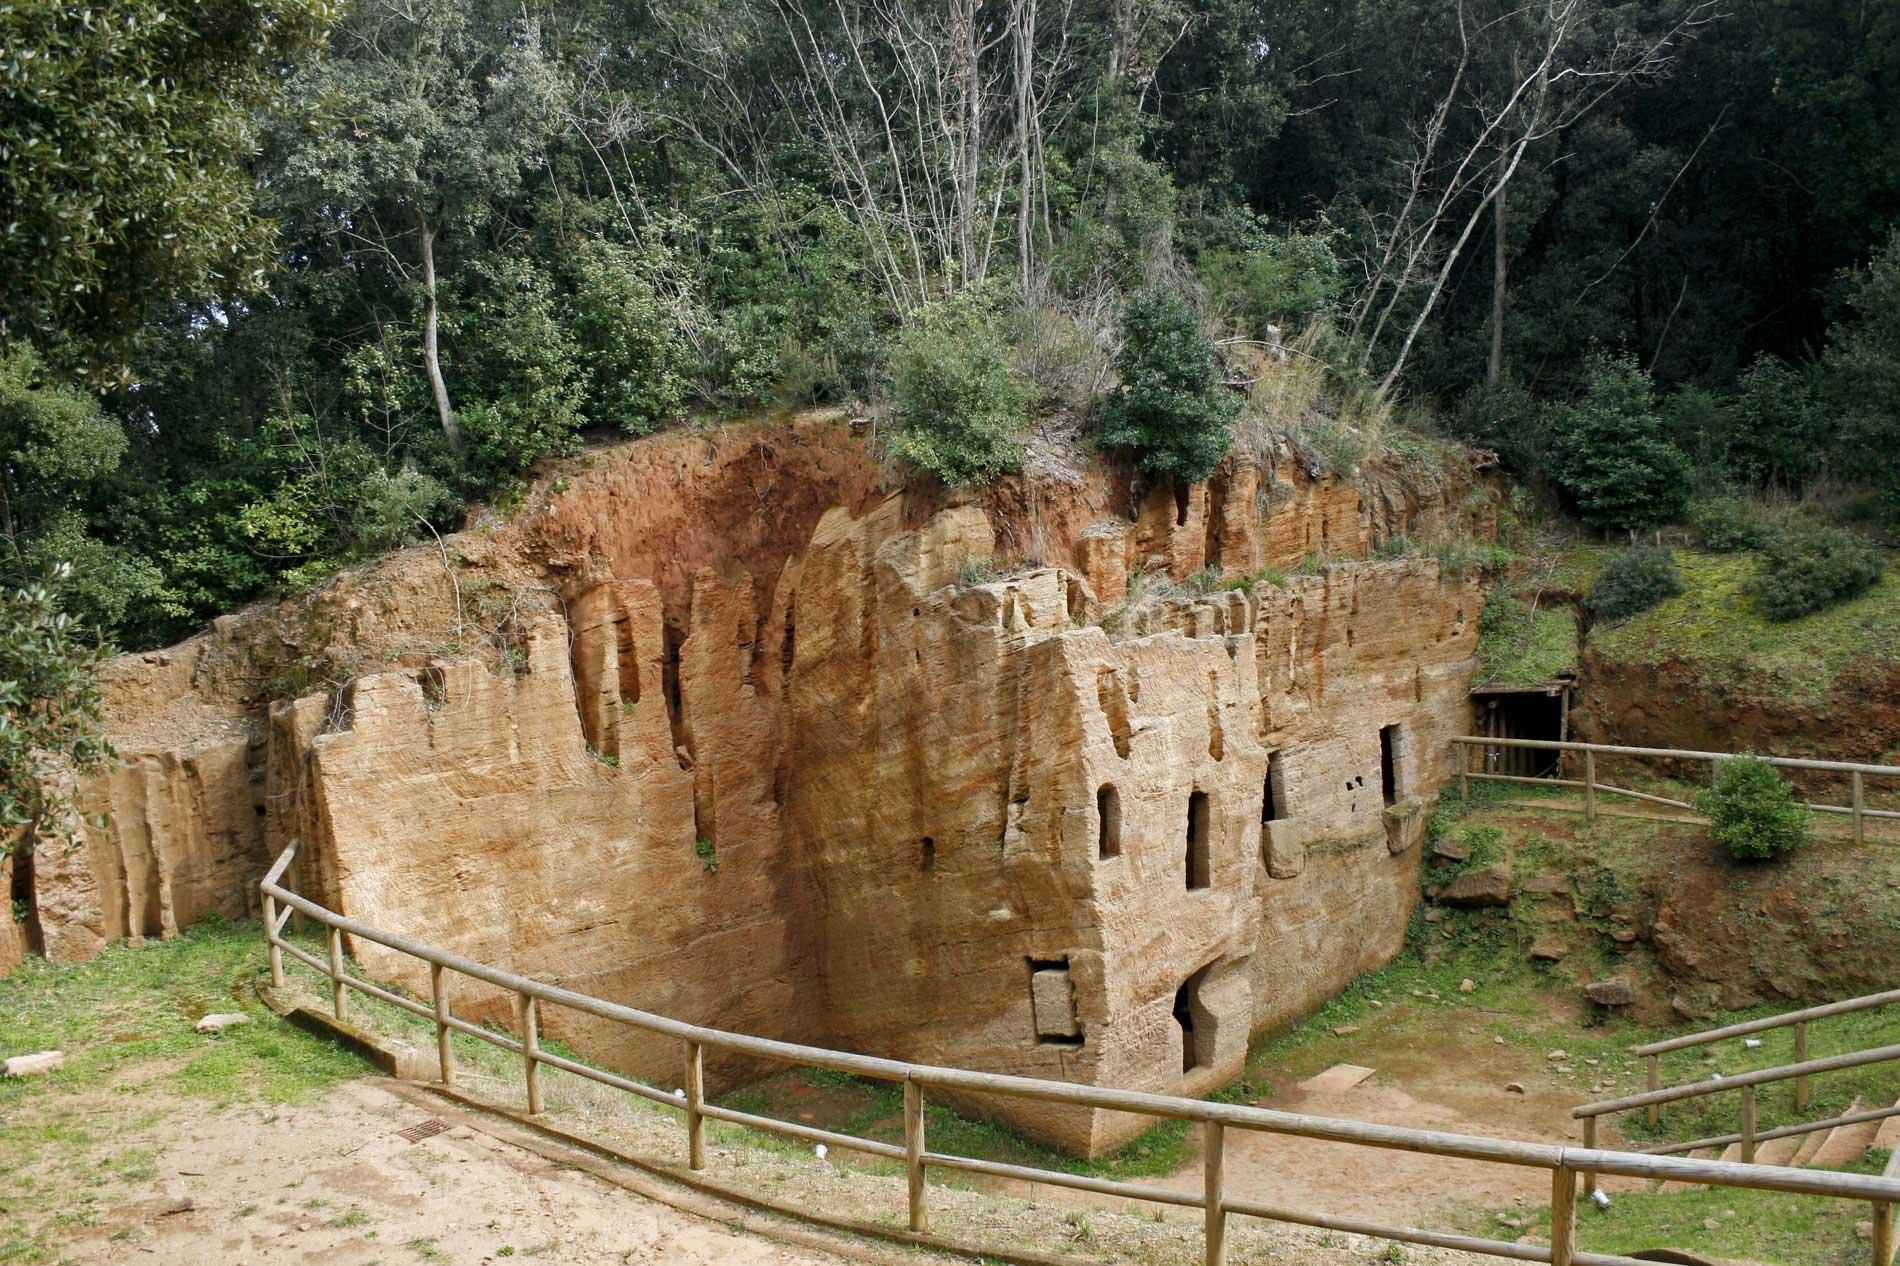 Parco Archeologico di Baratti - Golfo di Baratti - Costa degli Etruschi